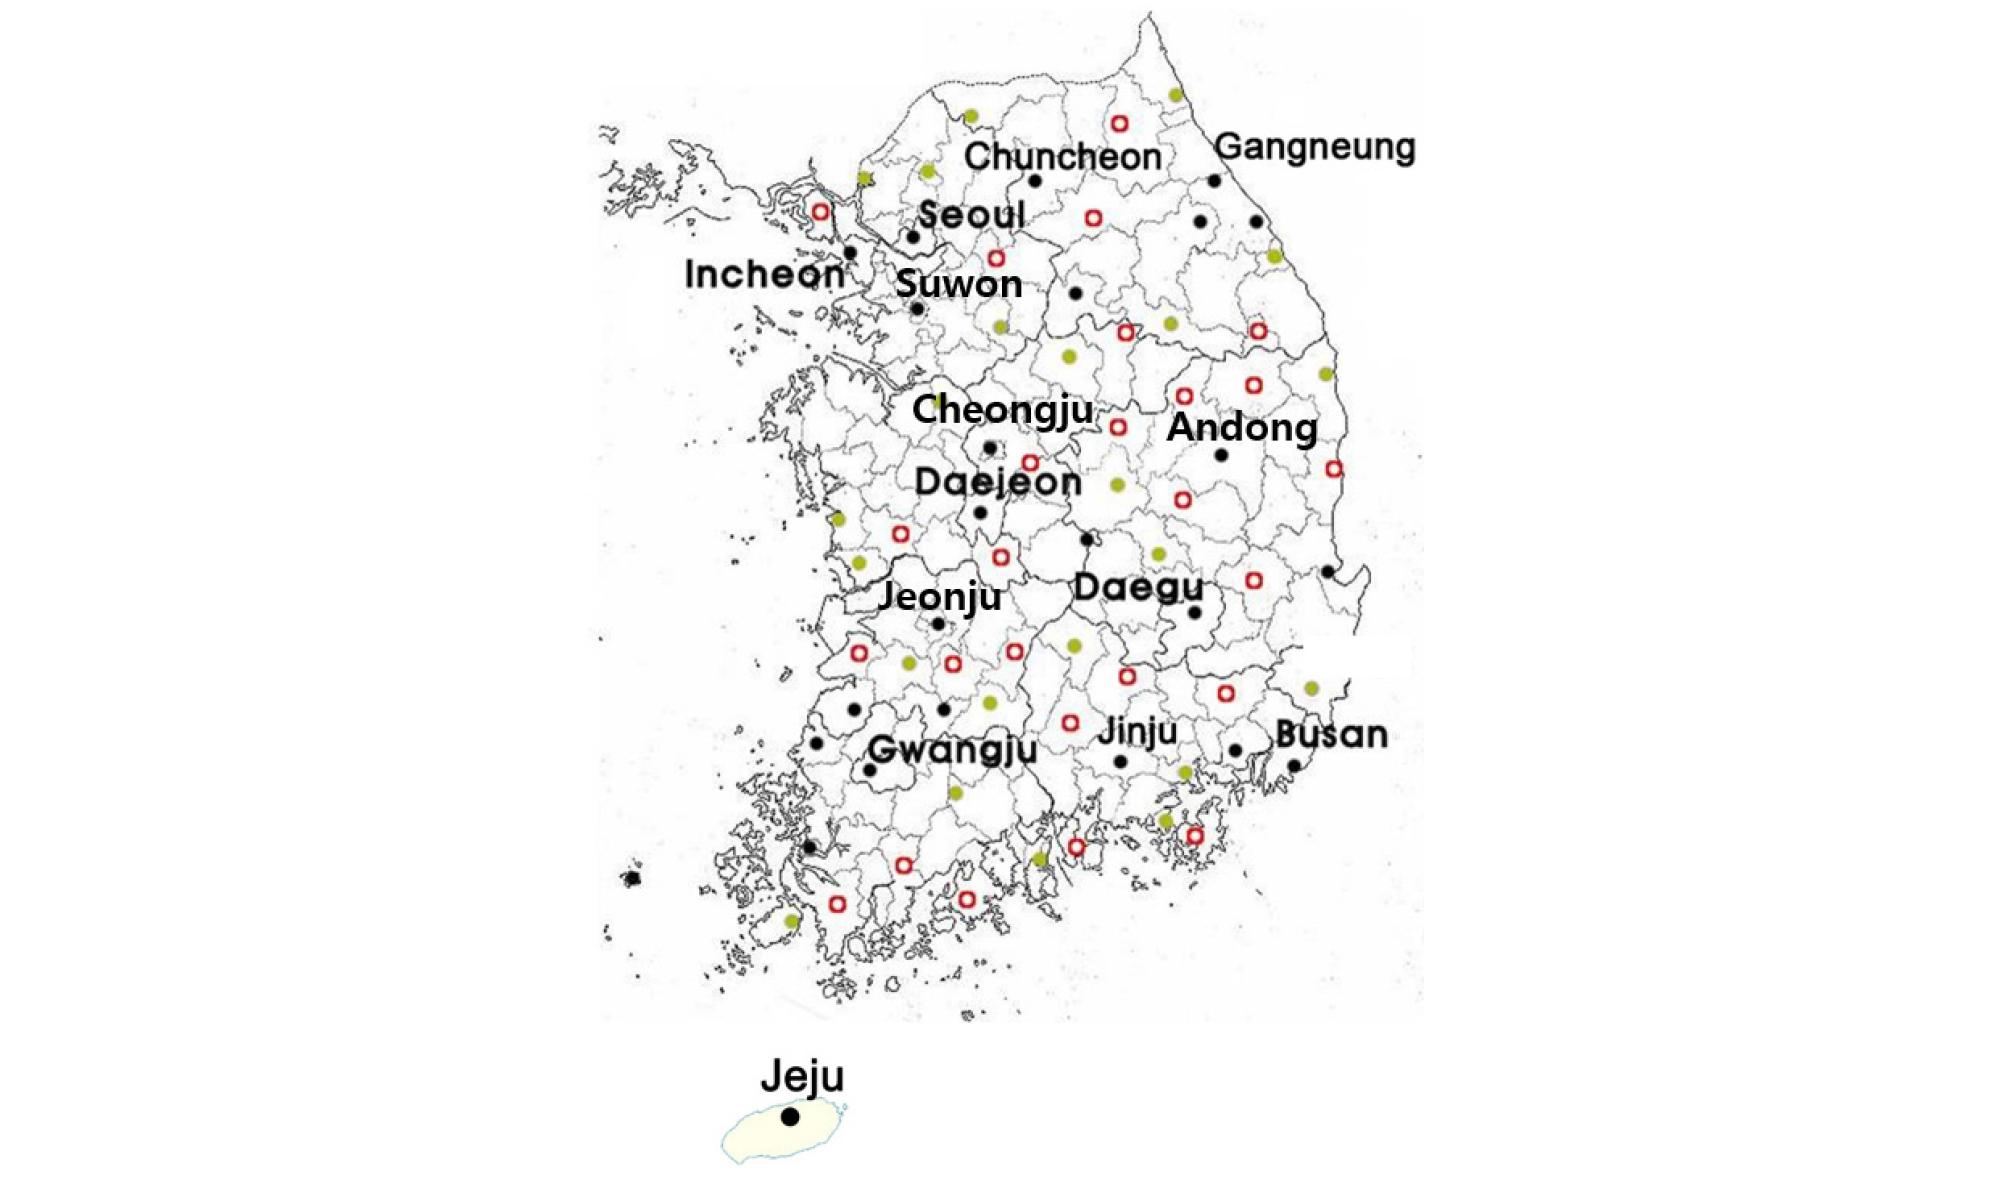 http://static.apub.kr/journalsite/sites/kses/2020-040-02/N0600400204/images/Figure_KSES_40_02_04_F1.jpg